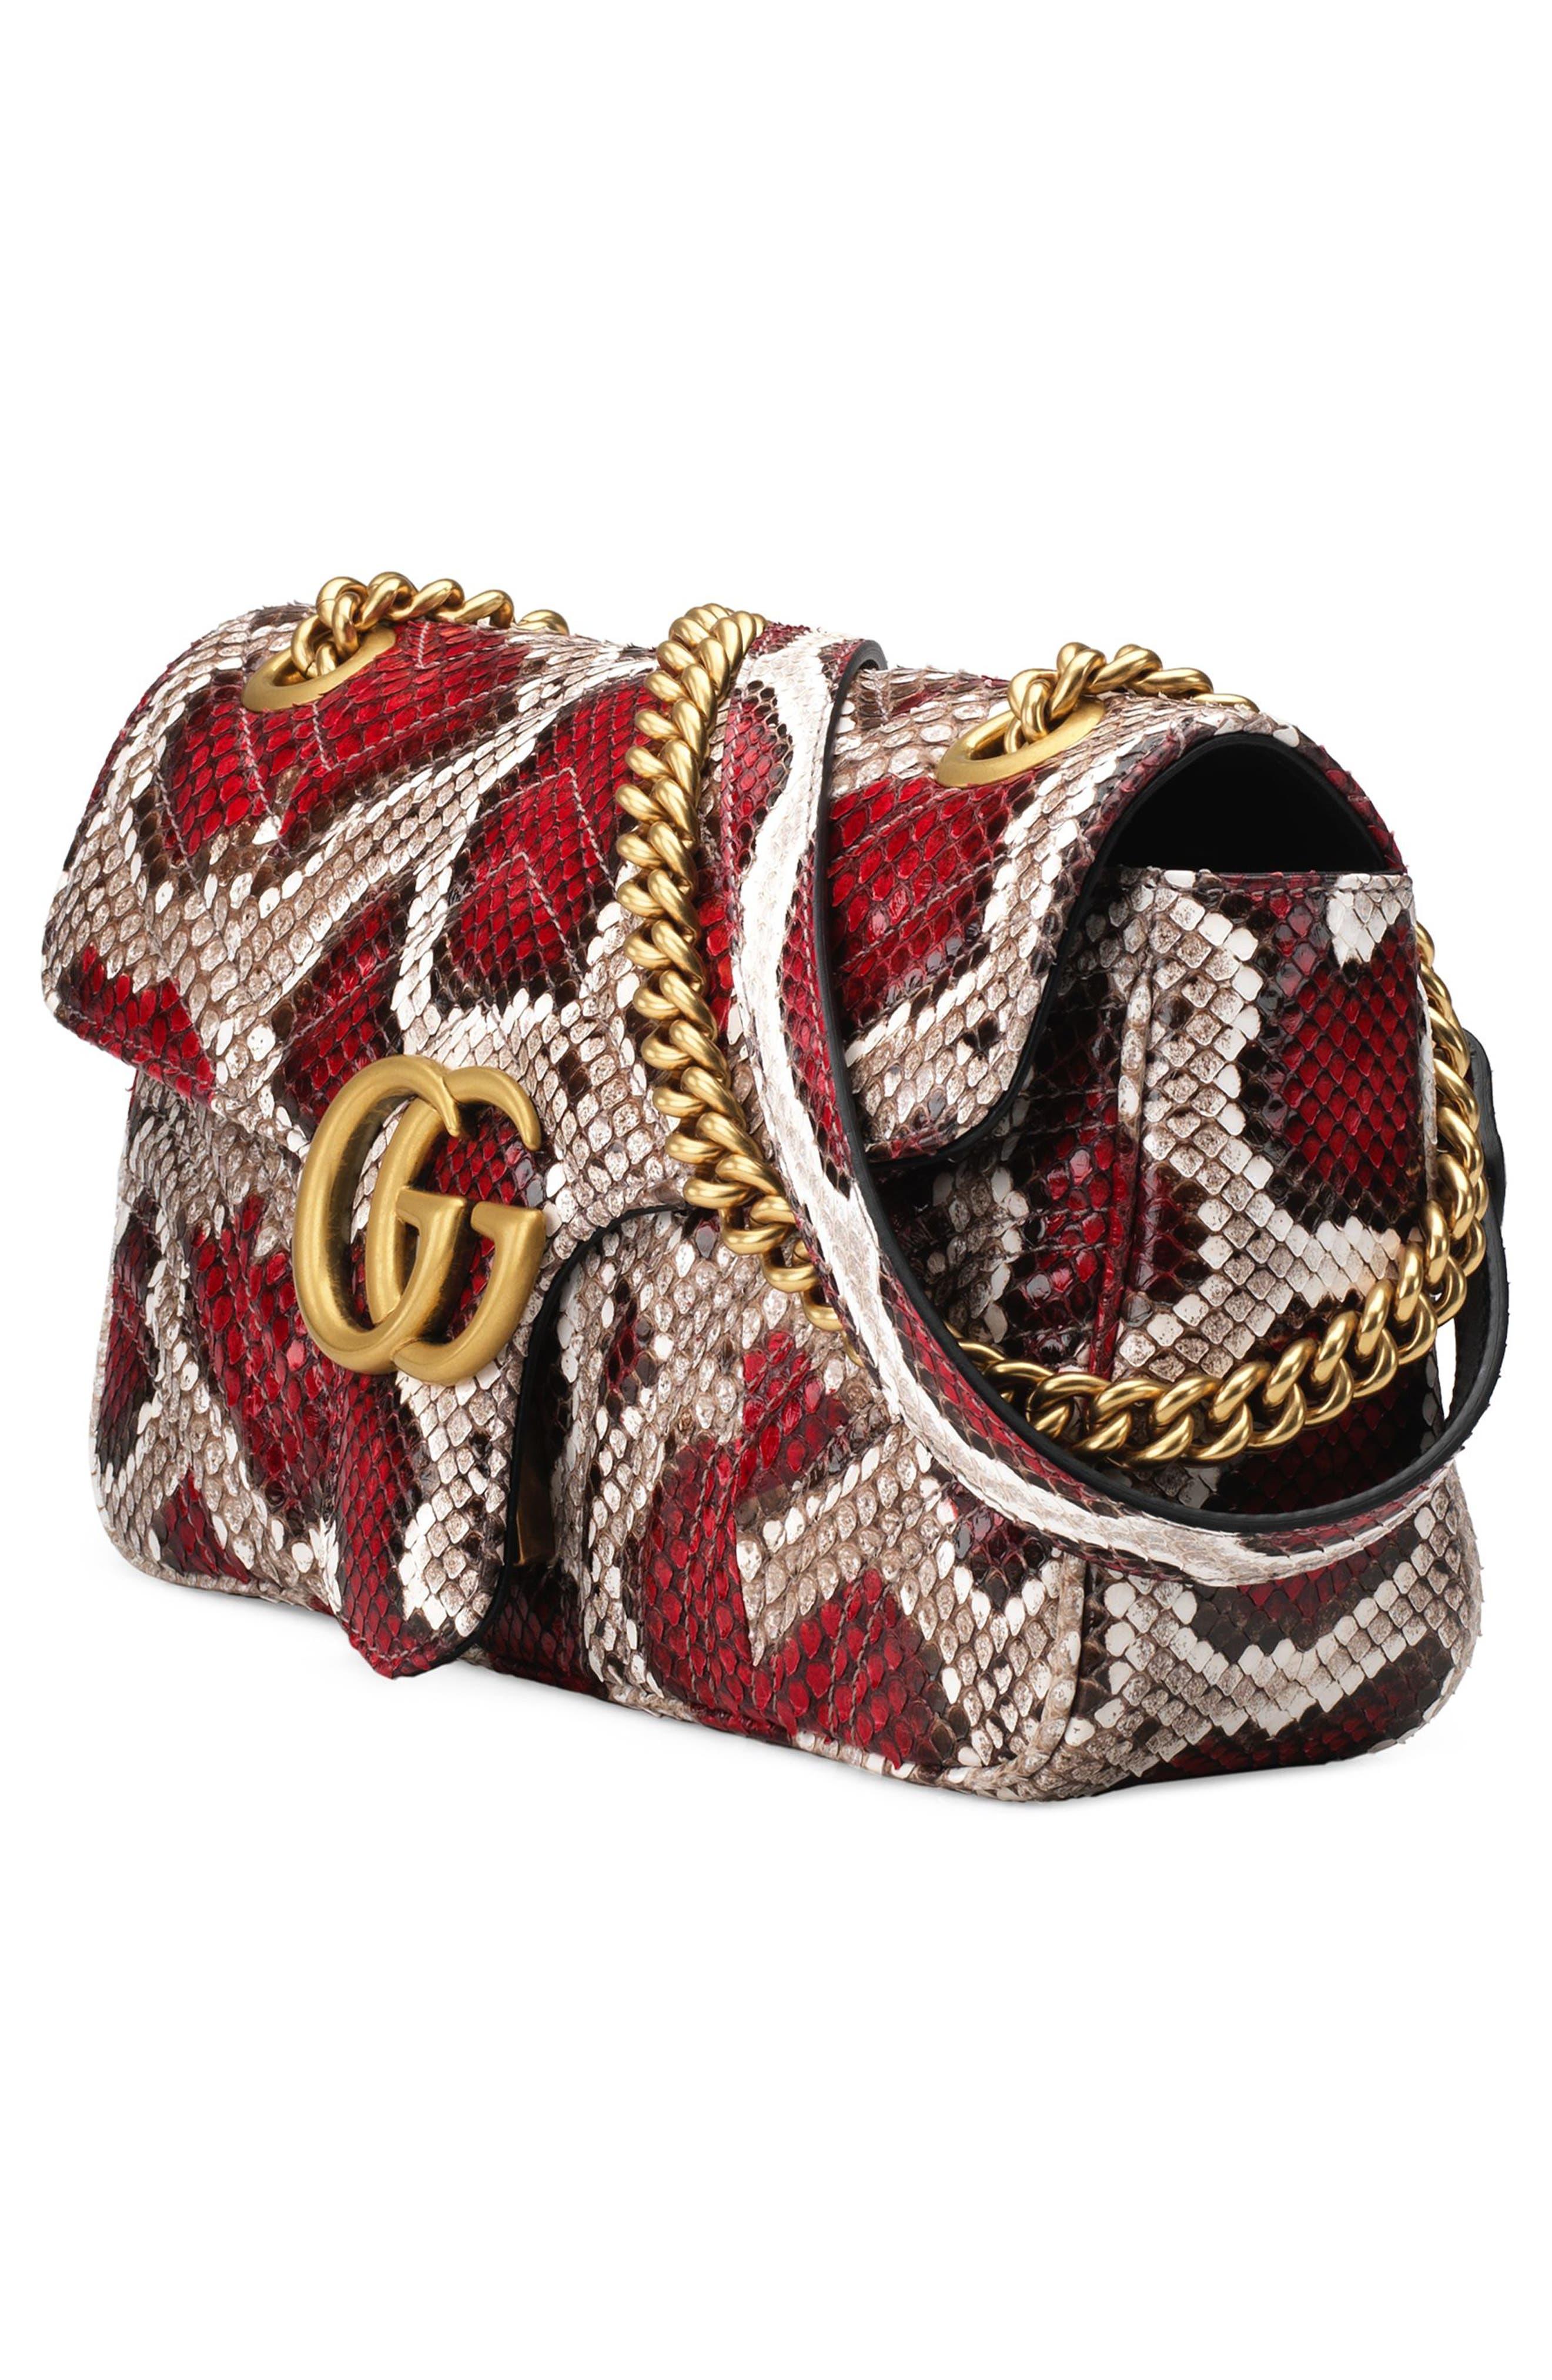 Marmont 2.0 Genuine Python Shoulder Bag,                             Alternate thumbnail 4, color,                             ROCCIA ROSSO